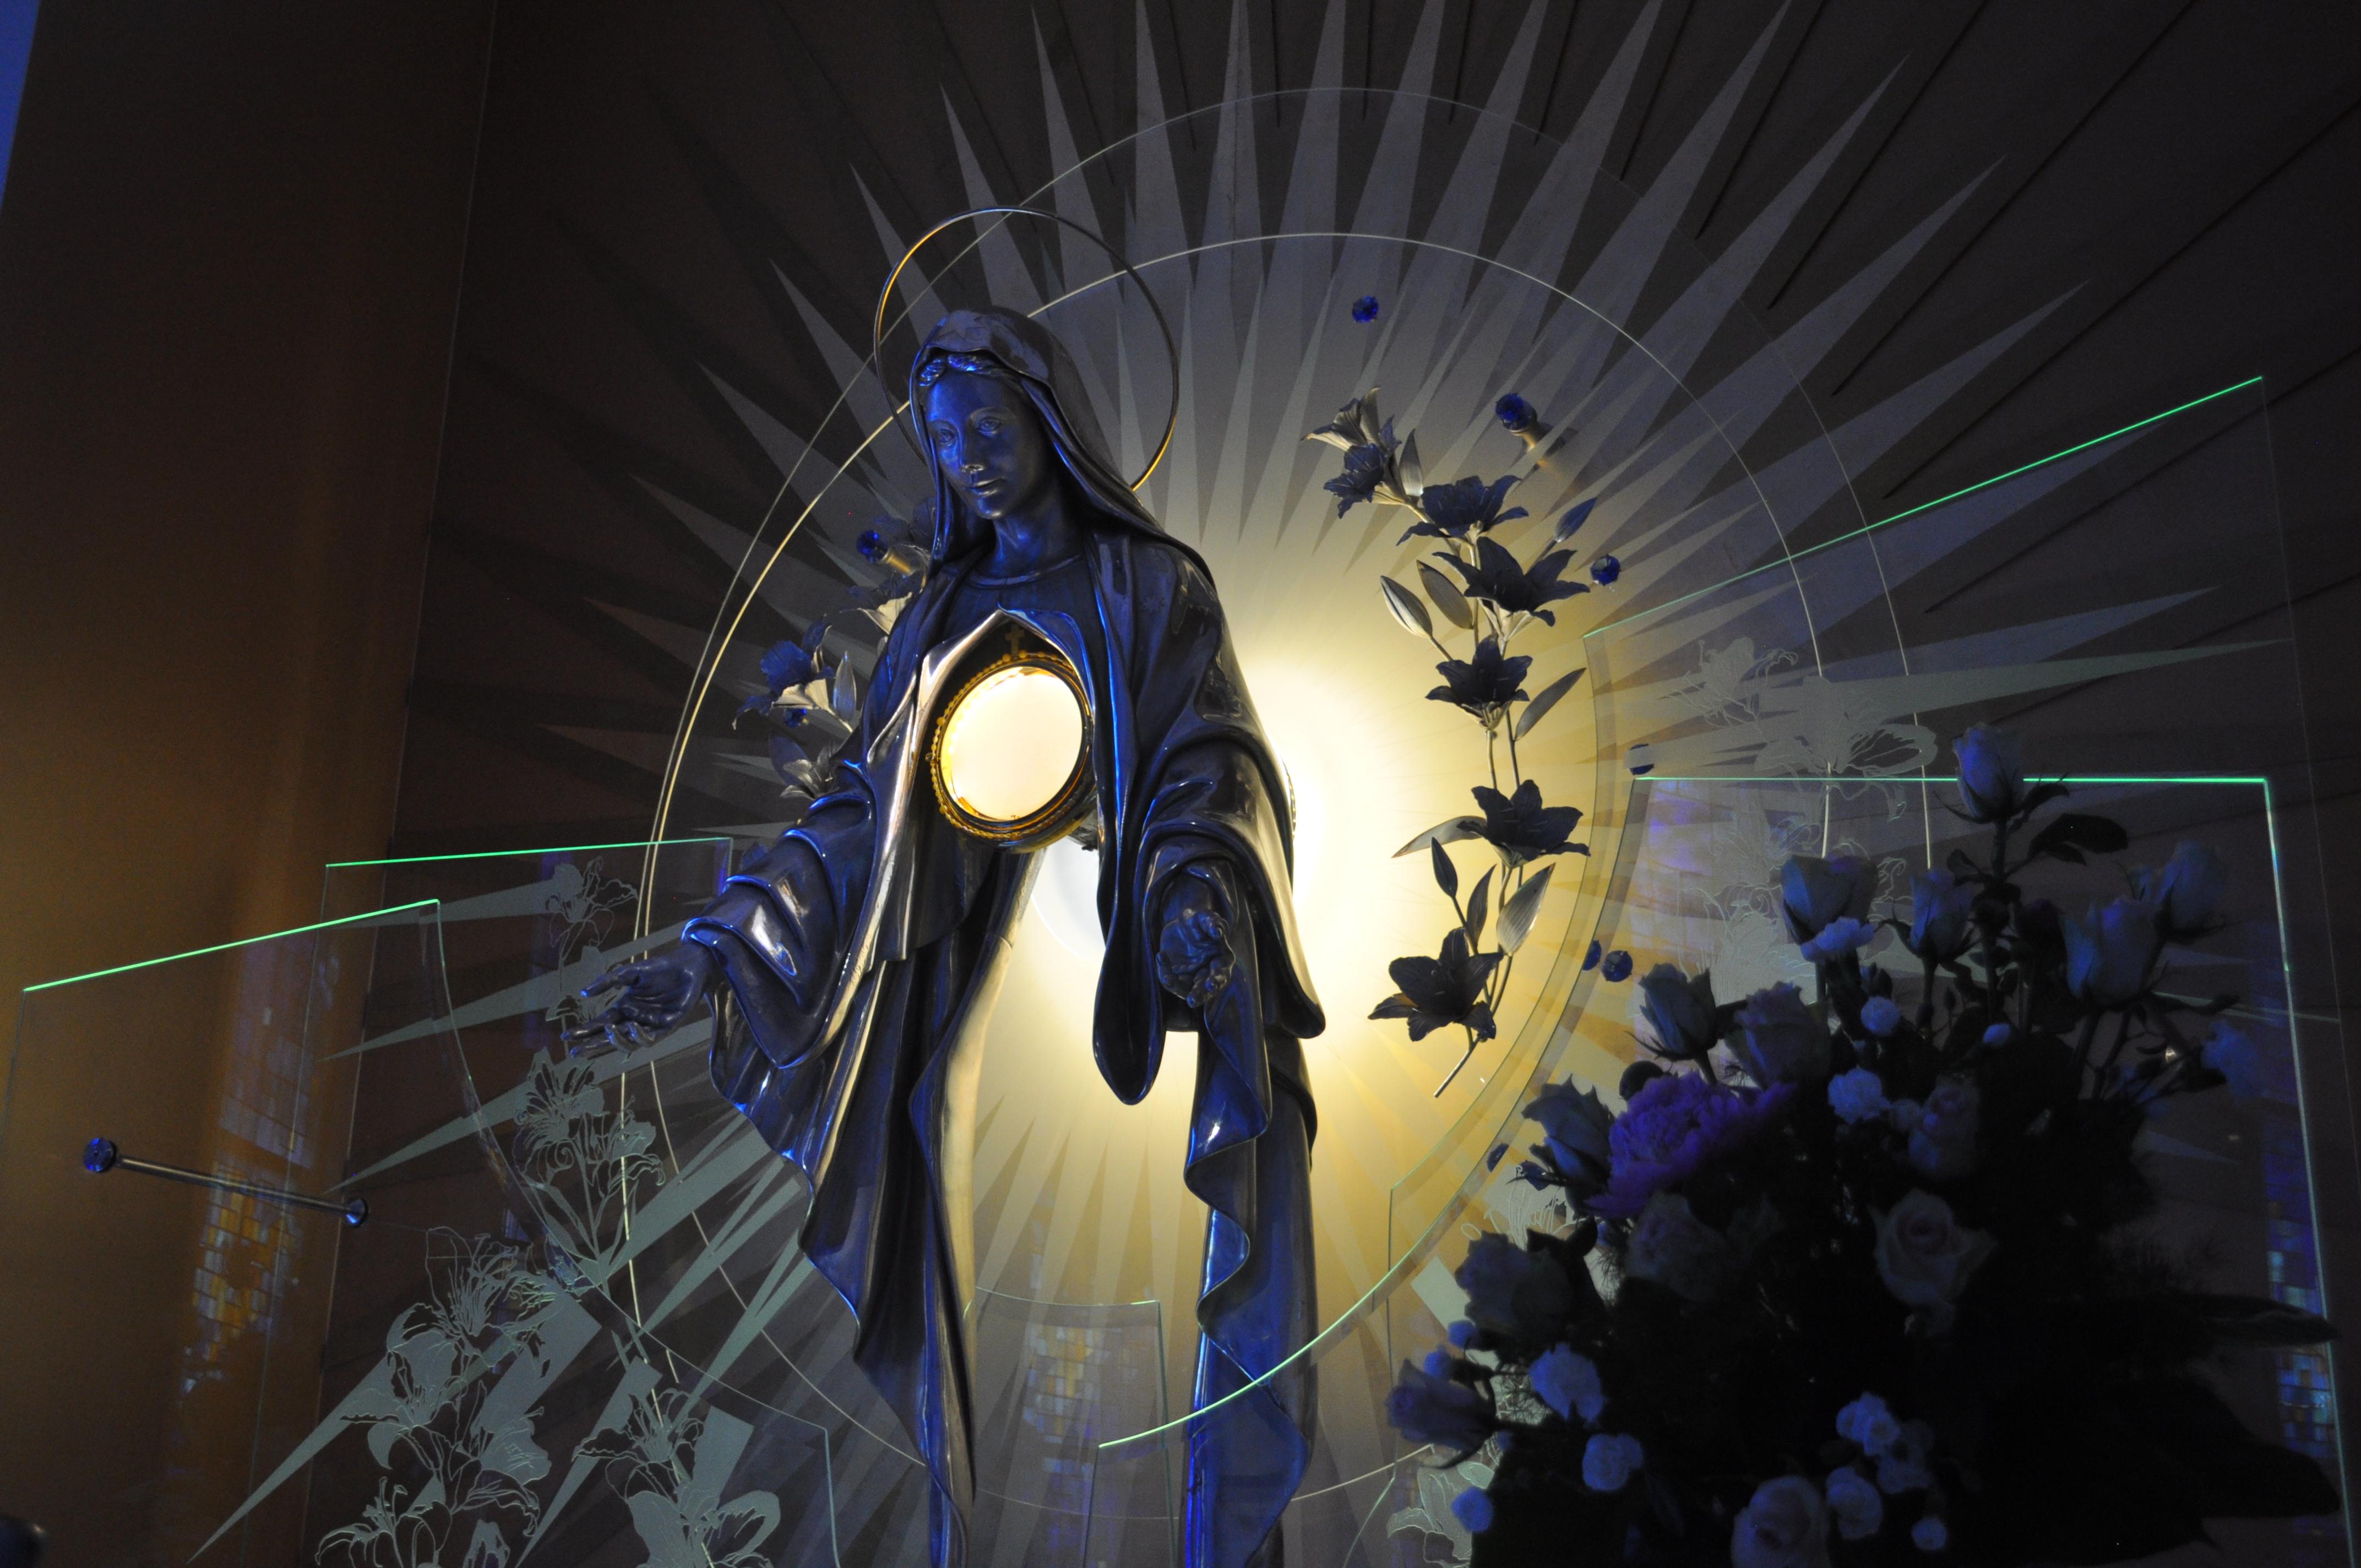 ADORACJA PANA JEZUSA W NAJŚWIĘTSZYM SAKRAMENCIE, PIĄTEK, 01 PAŹDZIERNIKA 2021 R., GODZ. 18:00 – 19:00